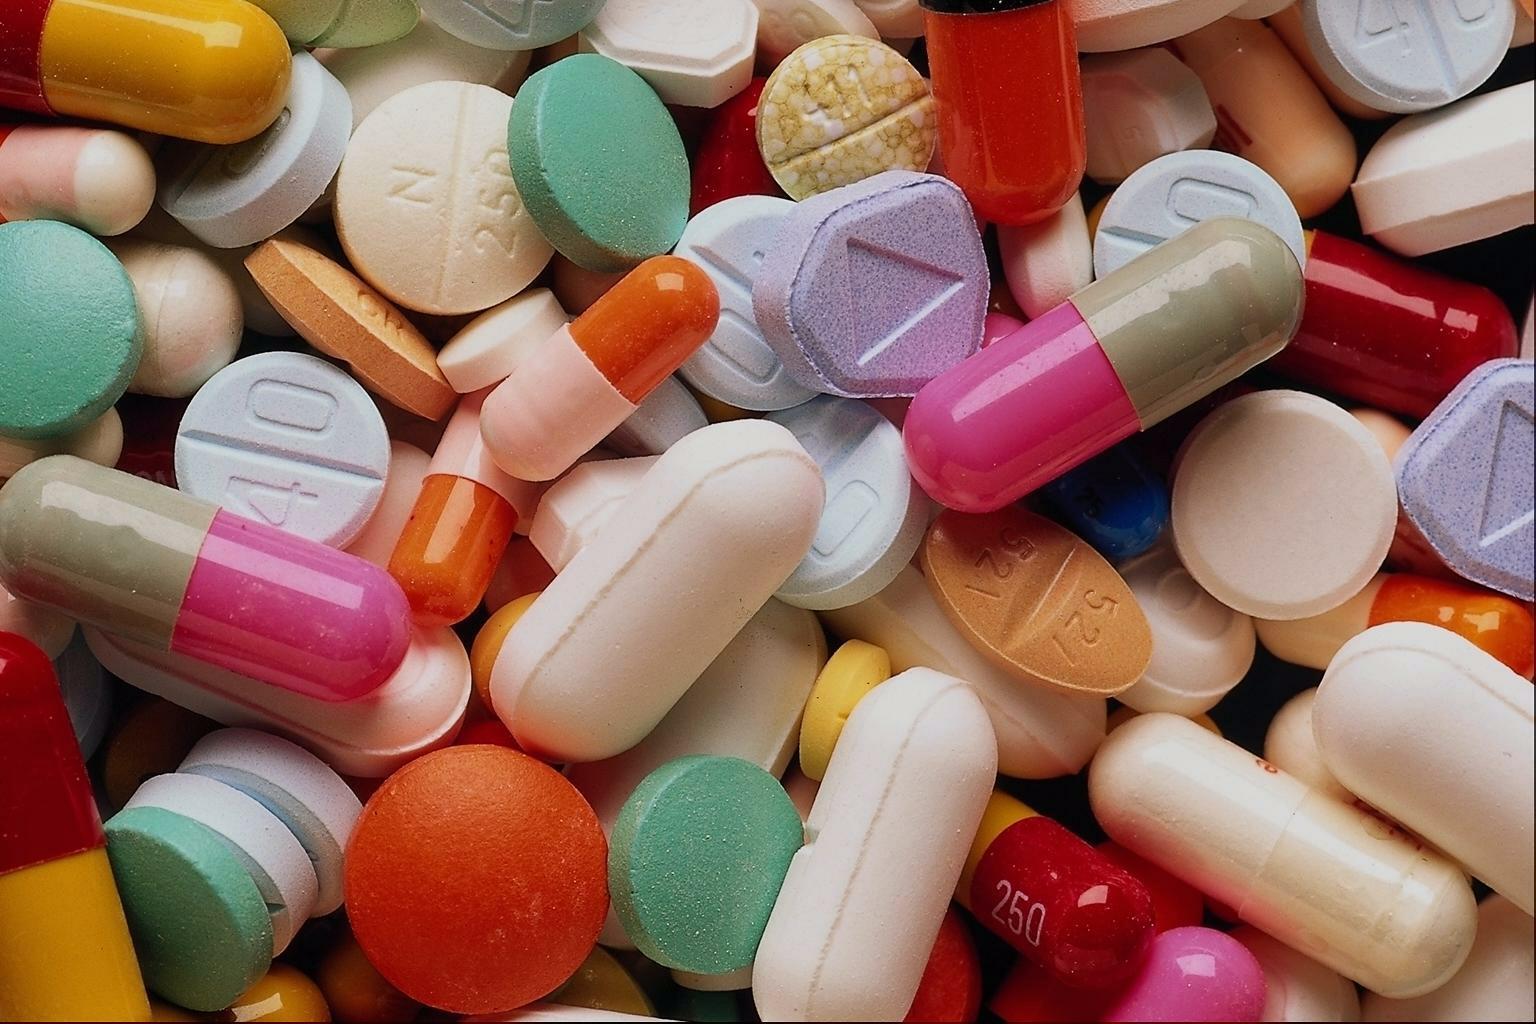 лекарства для профилактики от глистов у взрослых